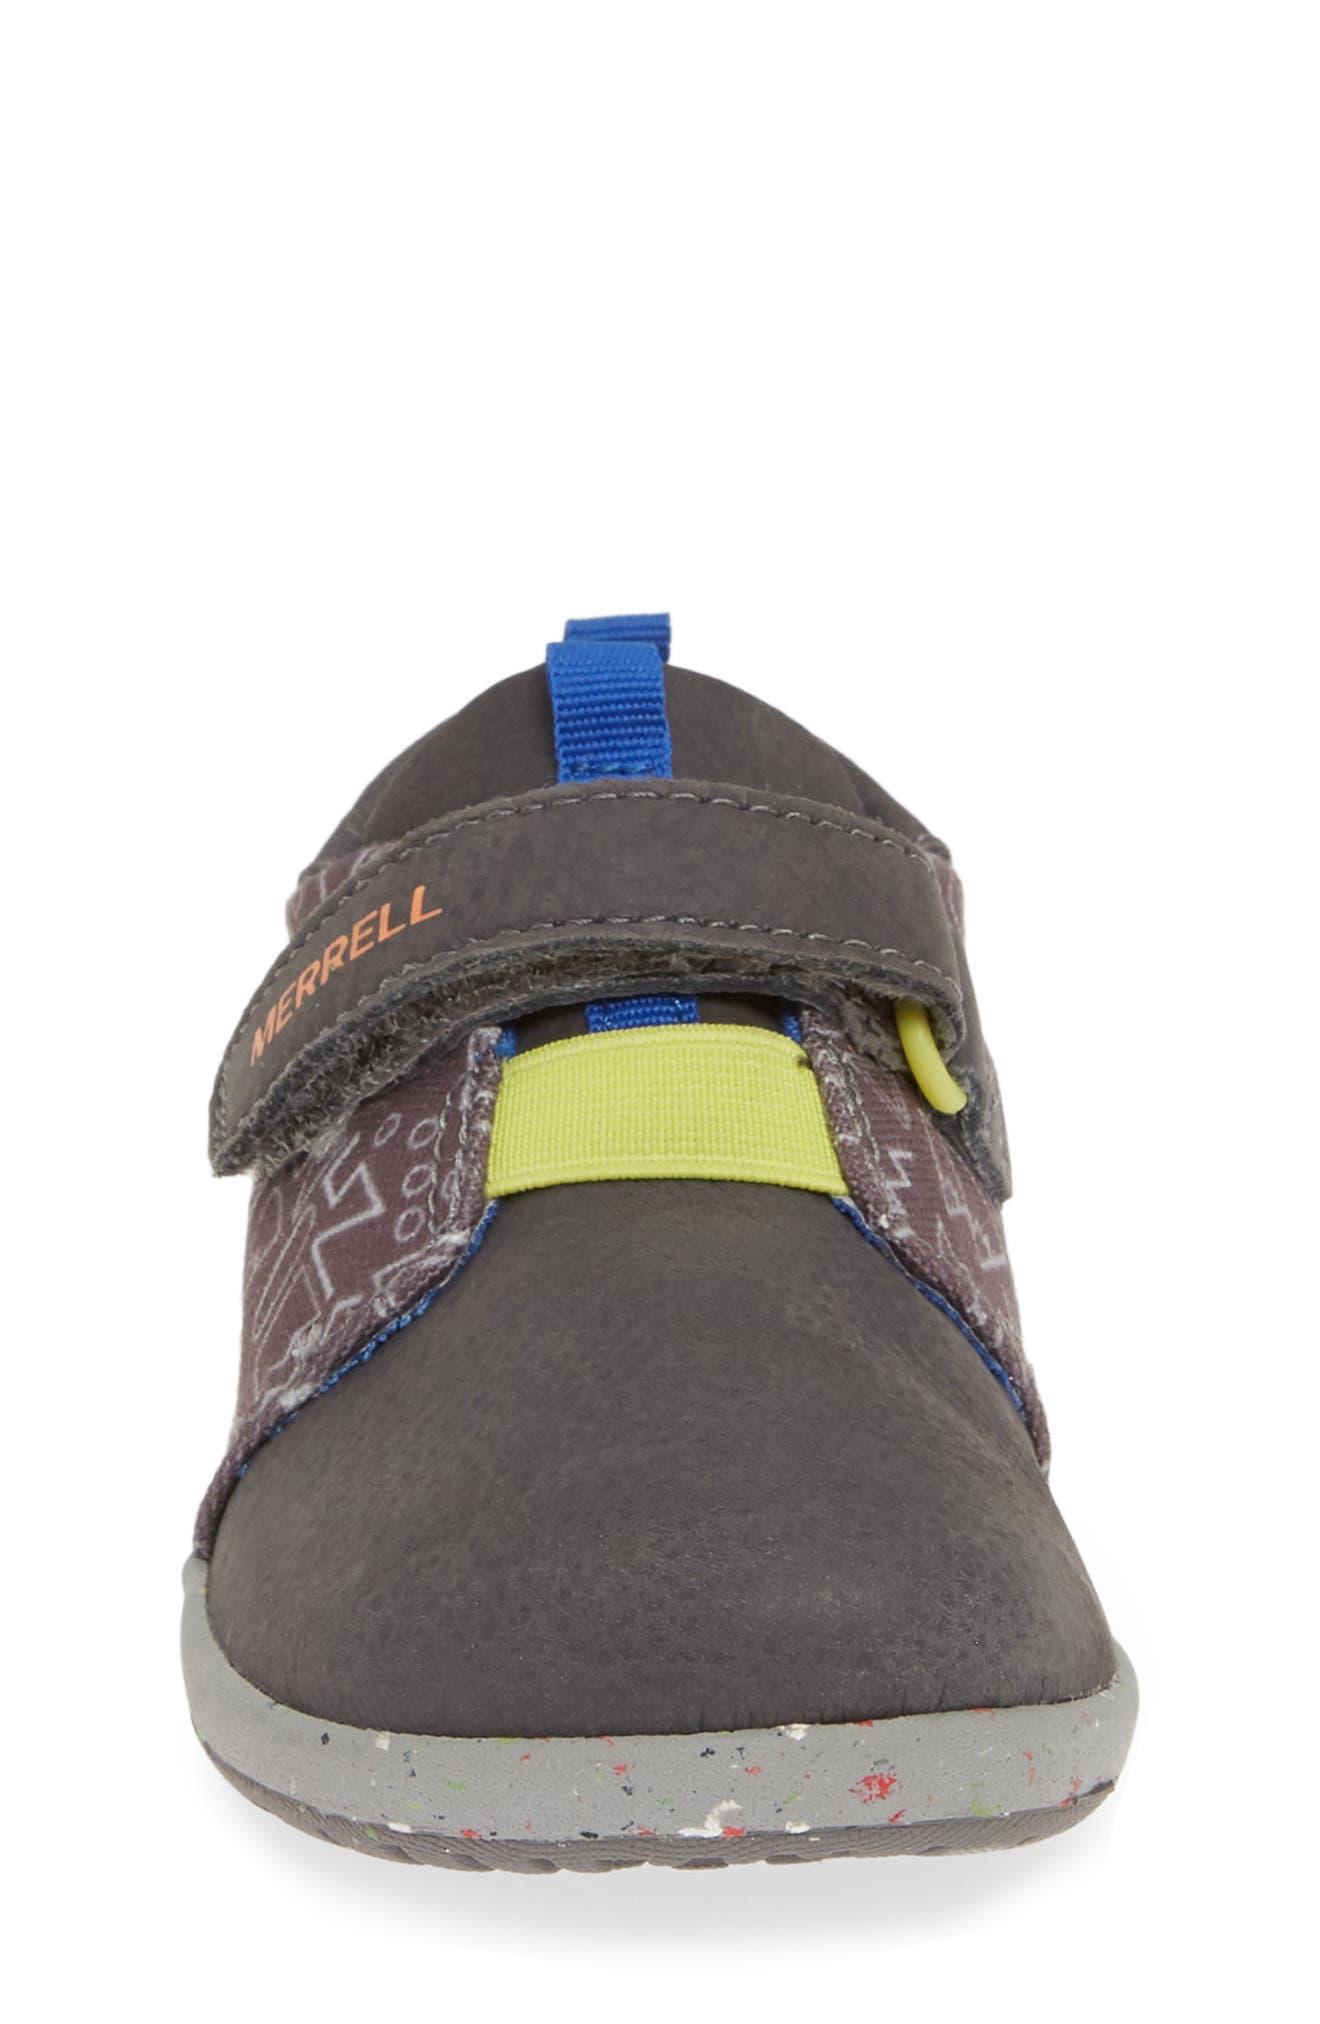 MERRELL, Bare Steps Sneaker, Alternate thumbnail 4, color, GREY